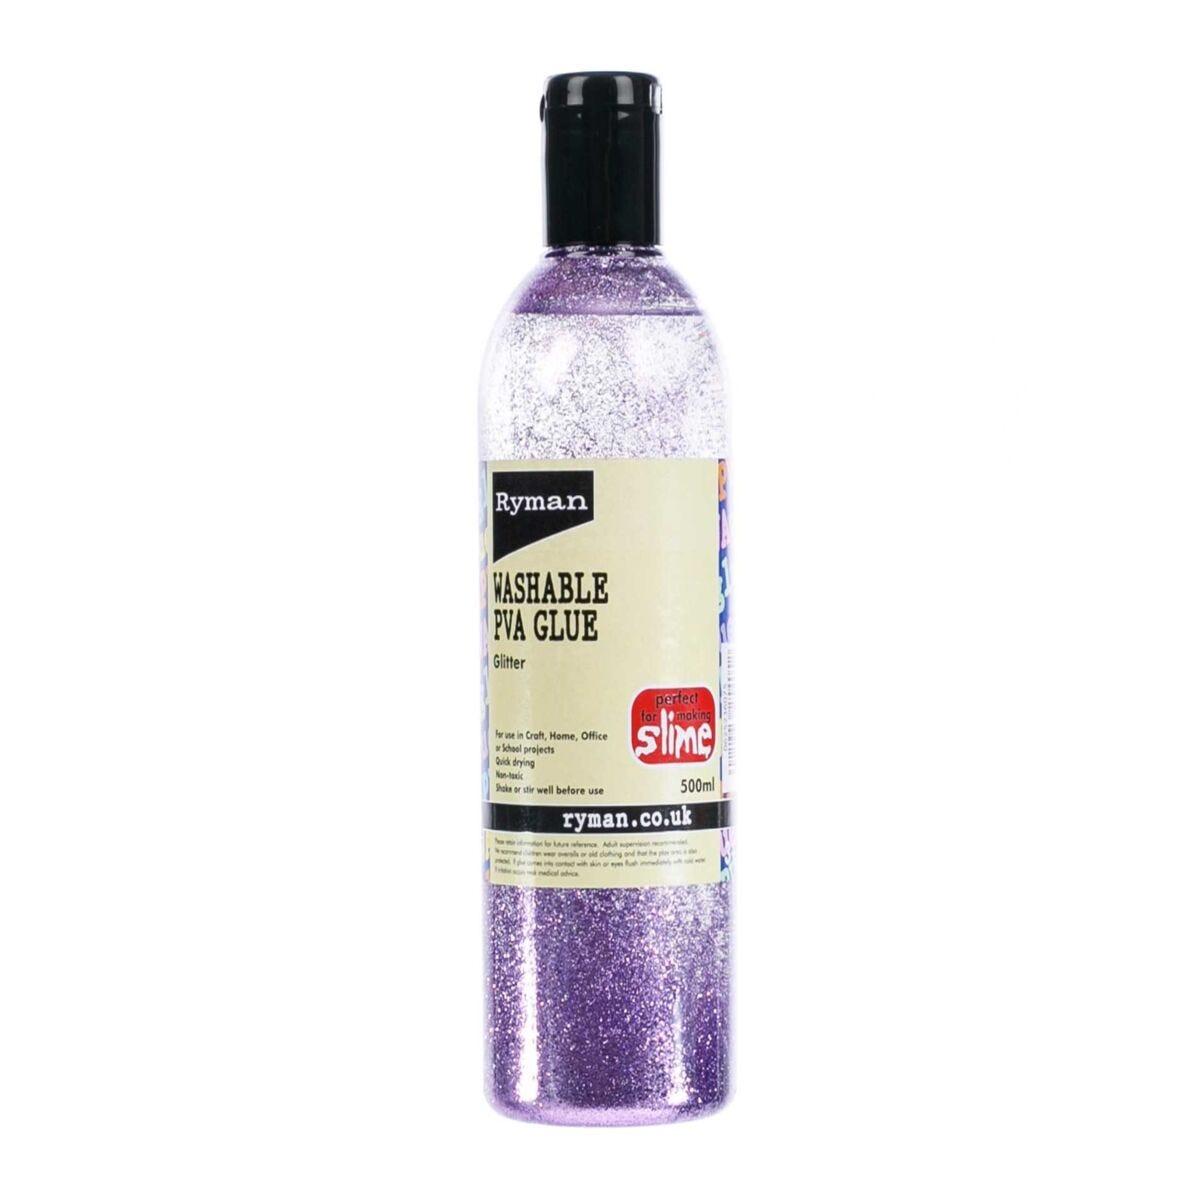 Ryman PVA Glue Washable Glitter 500ml Purple